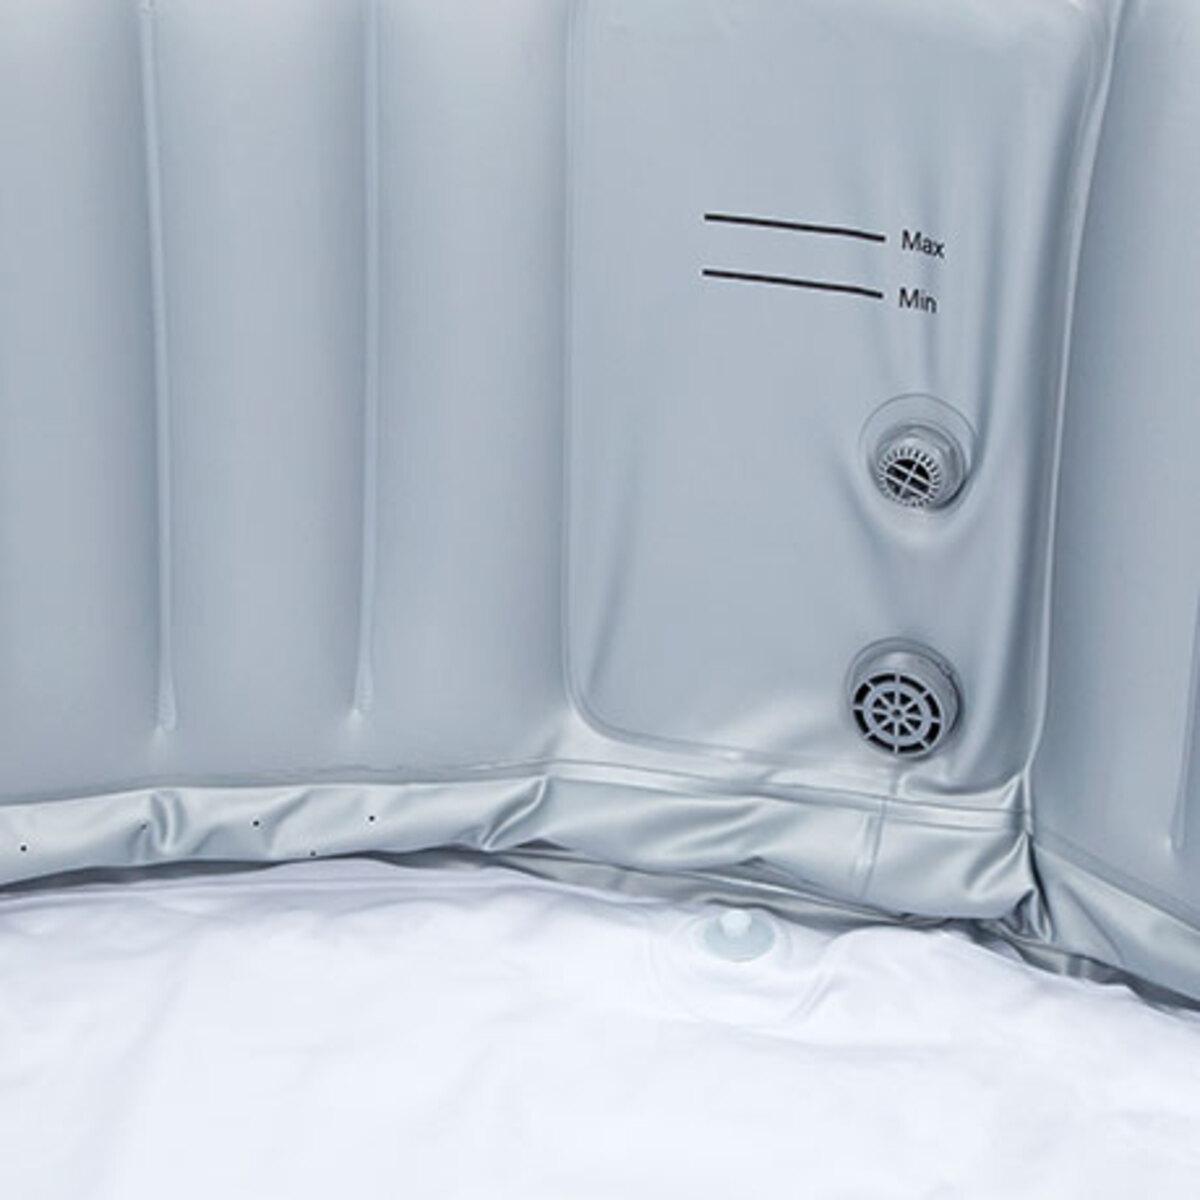 Bild 4 von Aufblas-Whirlpool Splash Uni1